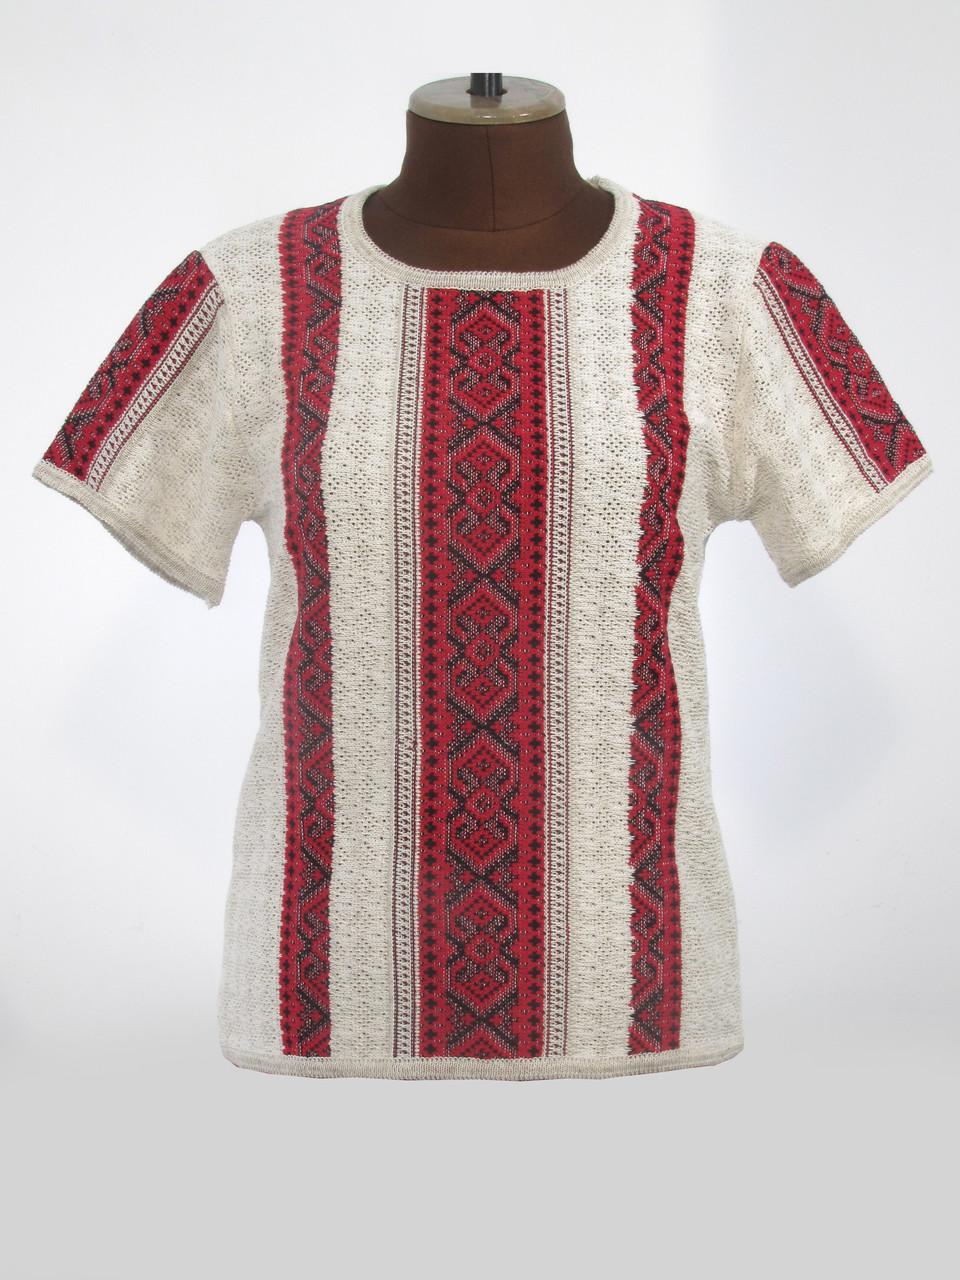 Вишиванка жіноча Маруся темно-червона з коротким рукавом